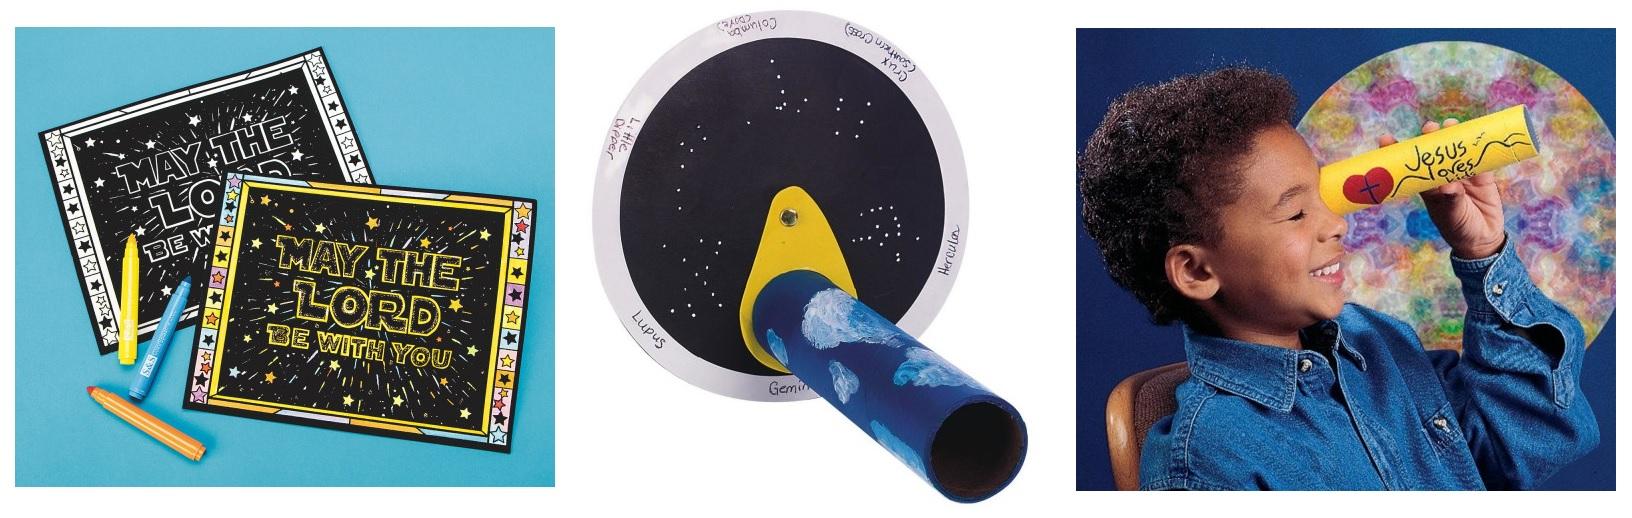 galactic starveyors vbs themes